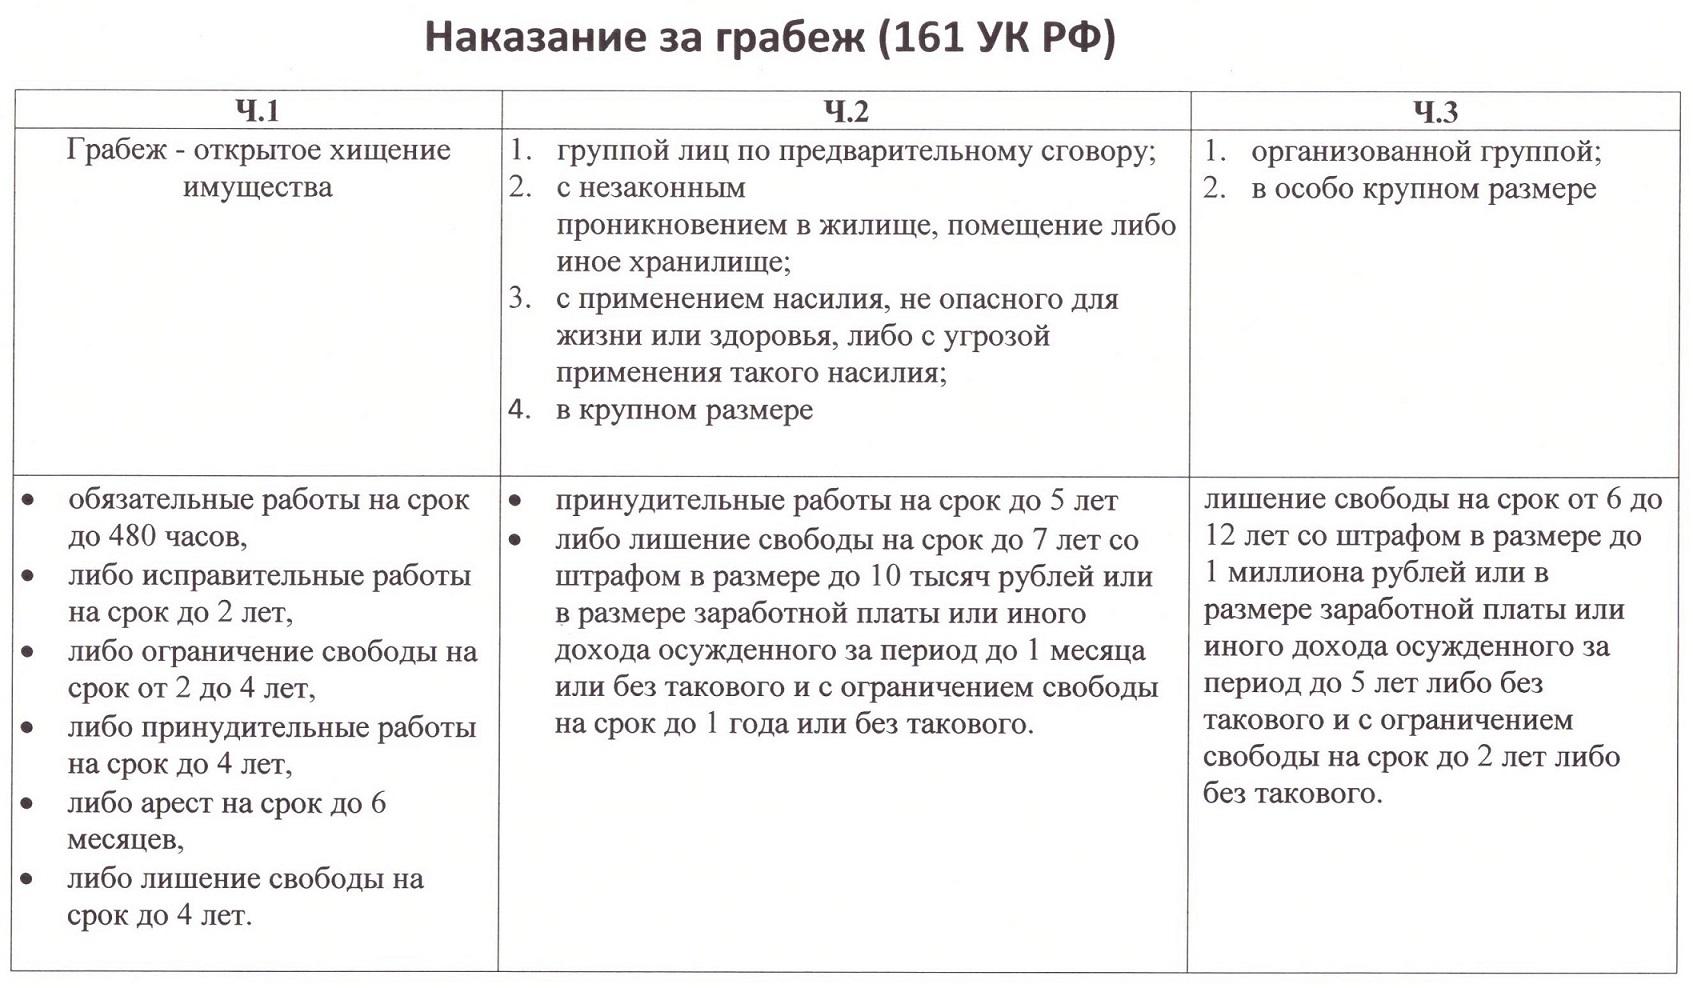 уголовный кодекс статья 161 часть 1